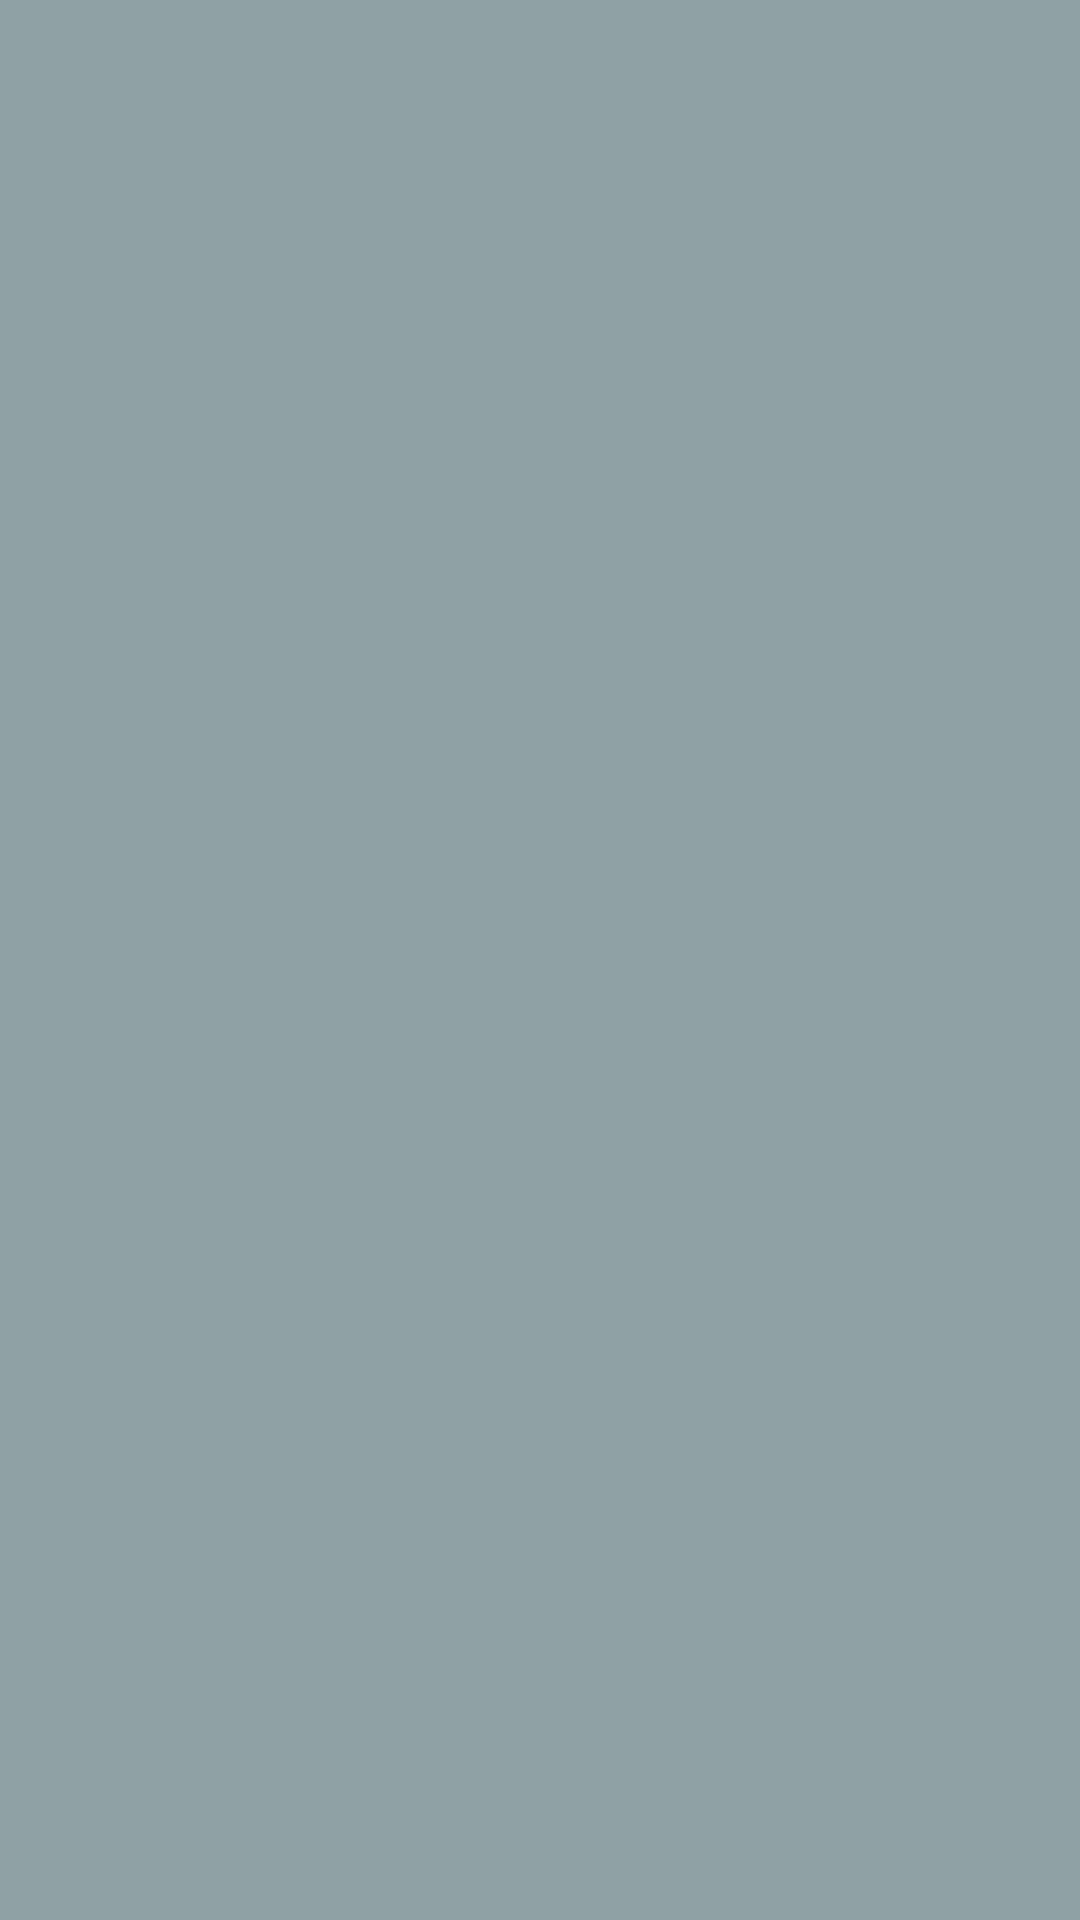 Color 909fa1 壁紙 グレー シンプル壁紙 お洒落 壁紙